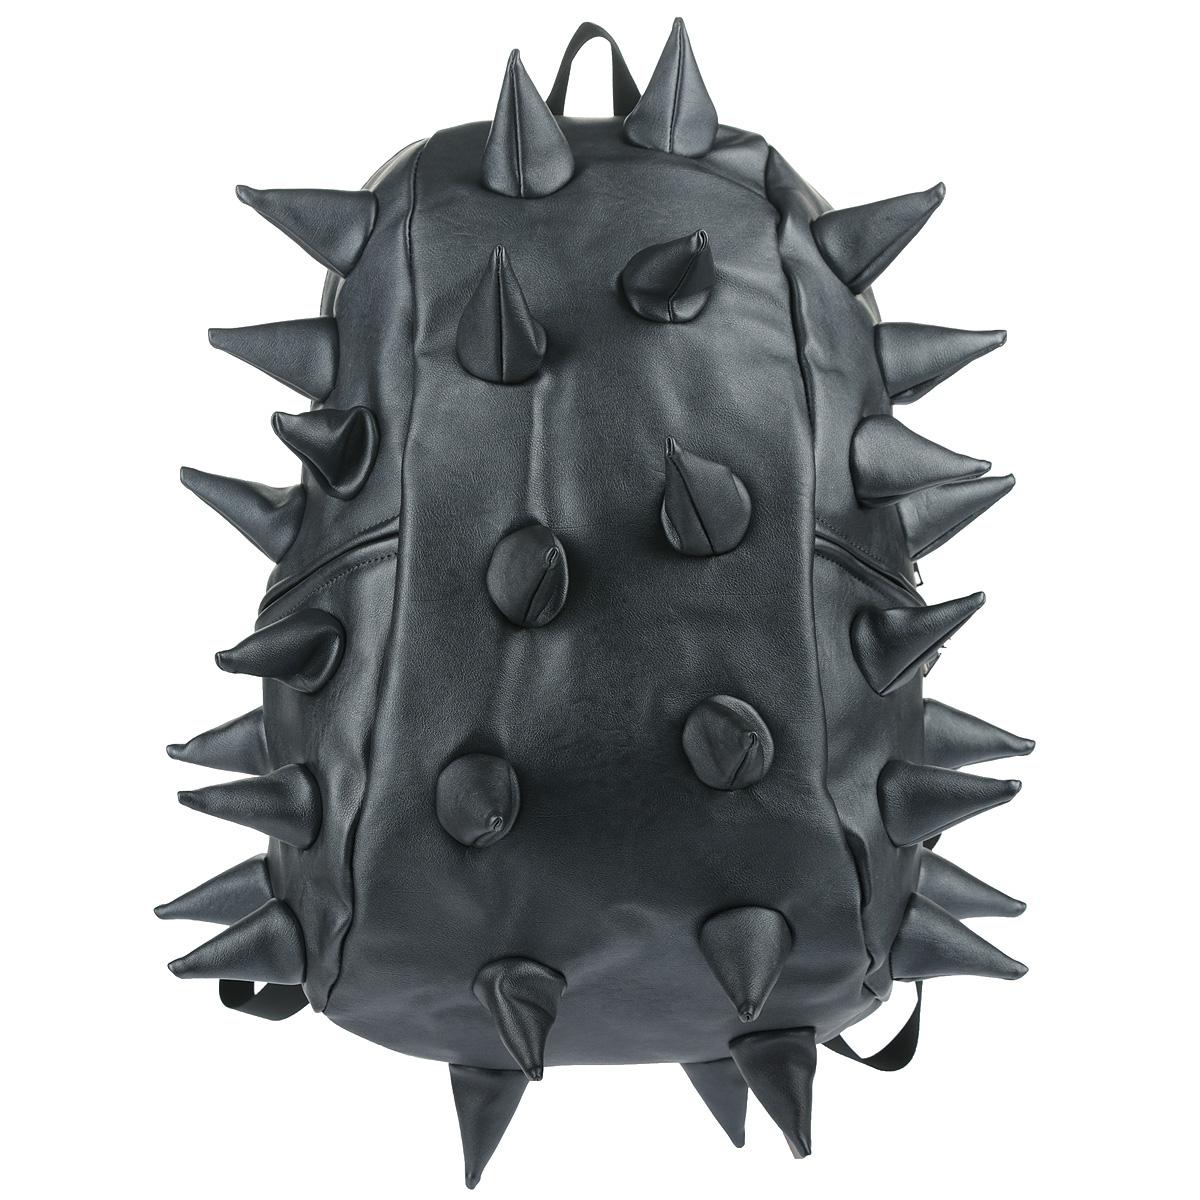 """Рюкзак городской MadPax Rex Full. Heavy Metal Spike, цвет: синий, 27 лKZ24483402Городской рюкзак MadPax Rex Full. Heavy Metal Spike - это стильный и практичный аксессуар, который станет незаменимым в ритме большого города. Верх рюкзака выполнен из 100% полиуретана с эффектом металлического глянца, шипы придают изделию неповторимый дизайн. Подкладка изготовлена из нейлона. Рюкзак имеет одно основное отделение на застежке-молнии. Размер Full позволяет поместить внутрь ноутбук с диагональю экрана 17"""", для этого предусмотрен специальный отдел с мягкими стенками, закрывающийся хлястиком на липучку. Также внутри содержится небольшой карман на молнии. Снаружи по бокам у рюкзака два кармана на молнии для разных мелочей. Сзади расположен кармашек из прозрачного ПВХ для визитки. Модель оснащена ручкой для переноски в руке, а также широкими плечевыми лямками с многослойной структурой, которые можно регулировать по длине. Специальная застежка-крепление соединяет и фиксирует лямки в районе груди, это позволяет равномерно распределить нагрузку на плечи и спину..."""